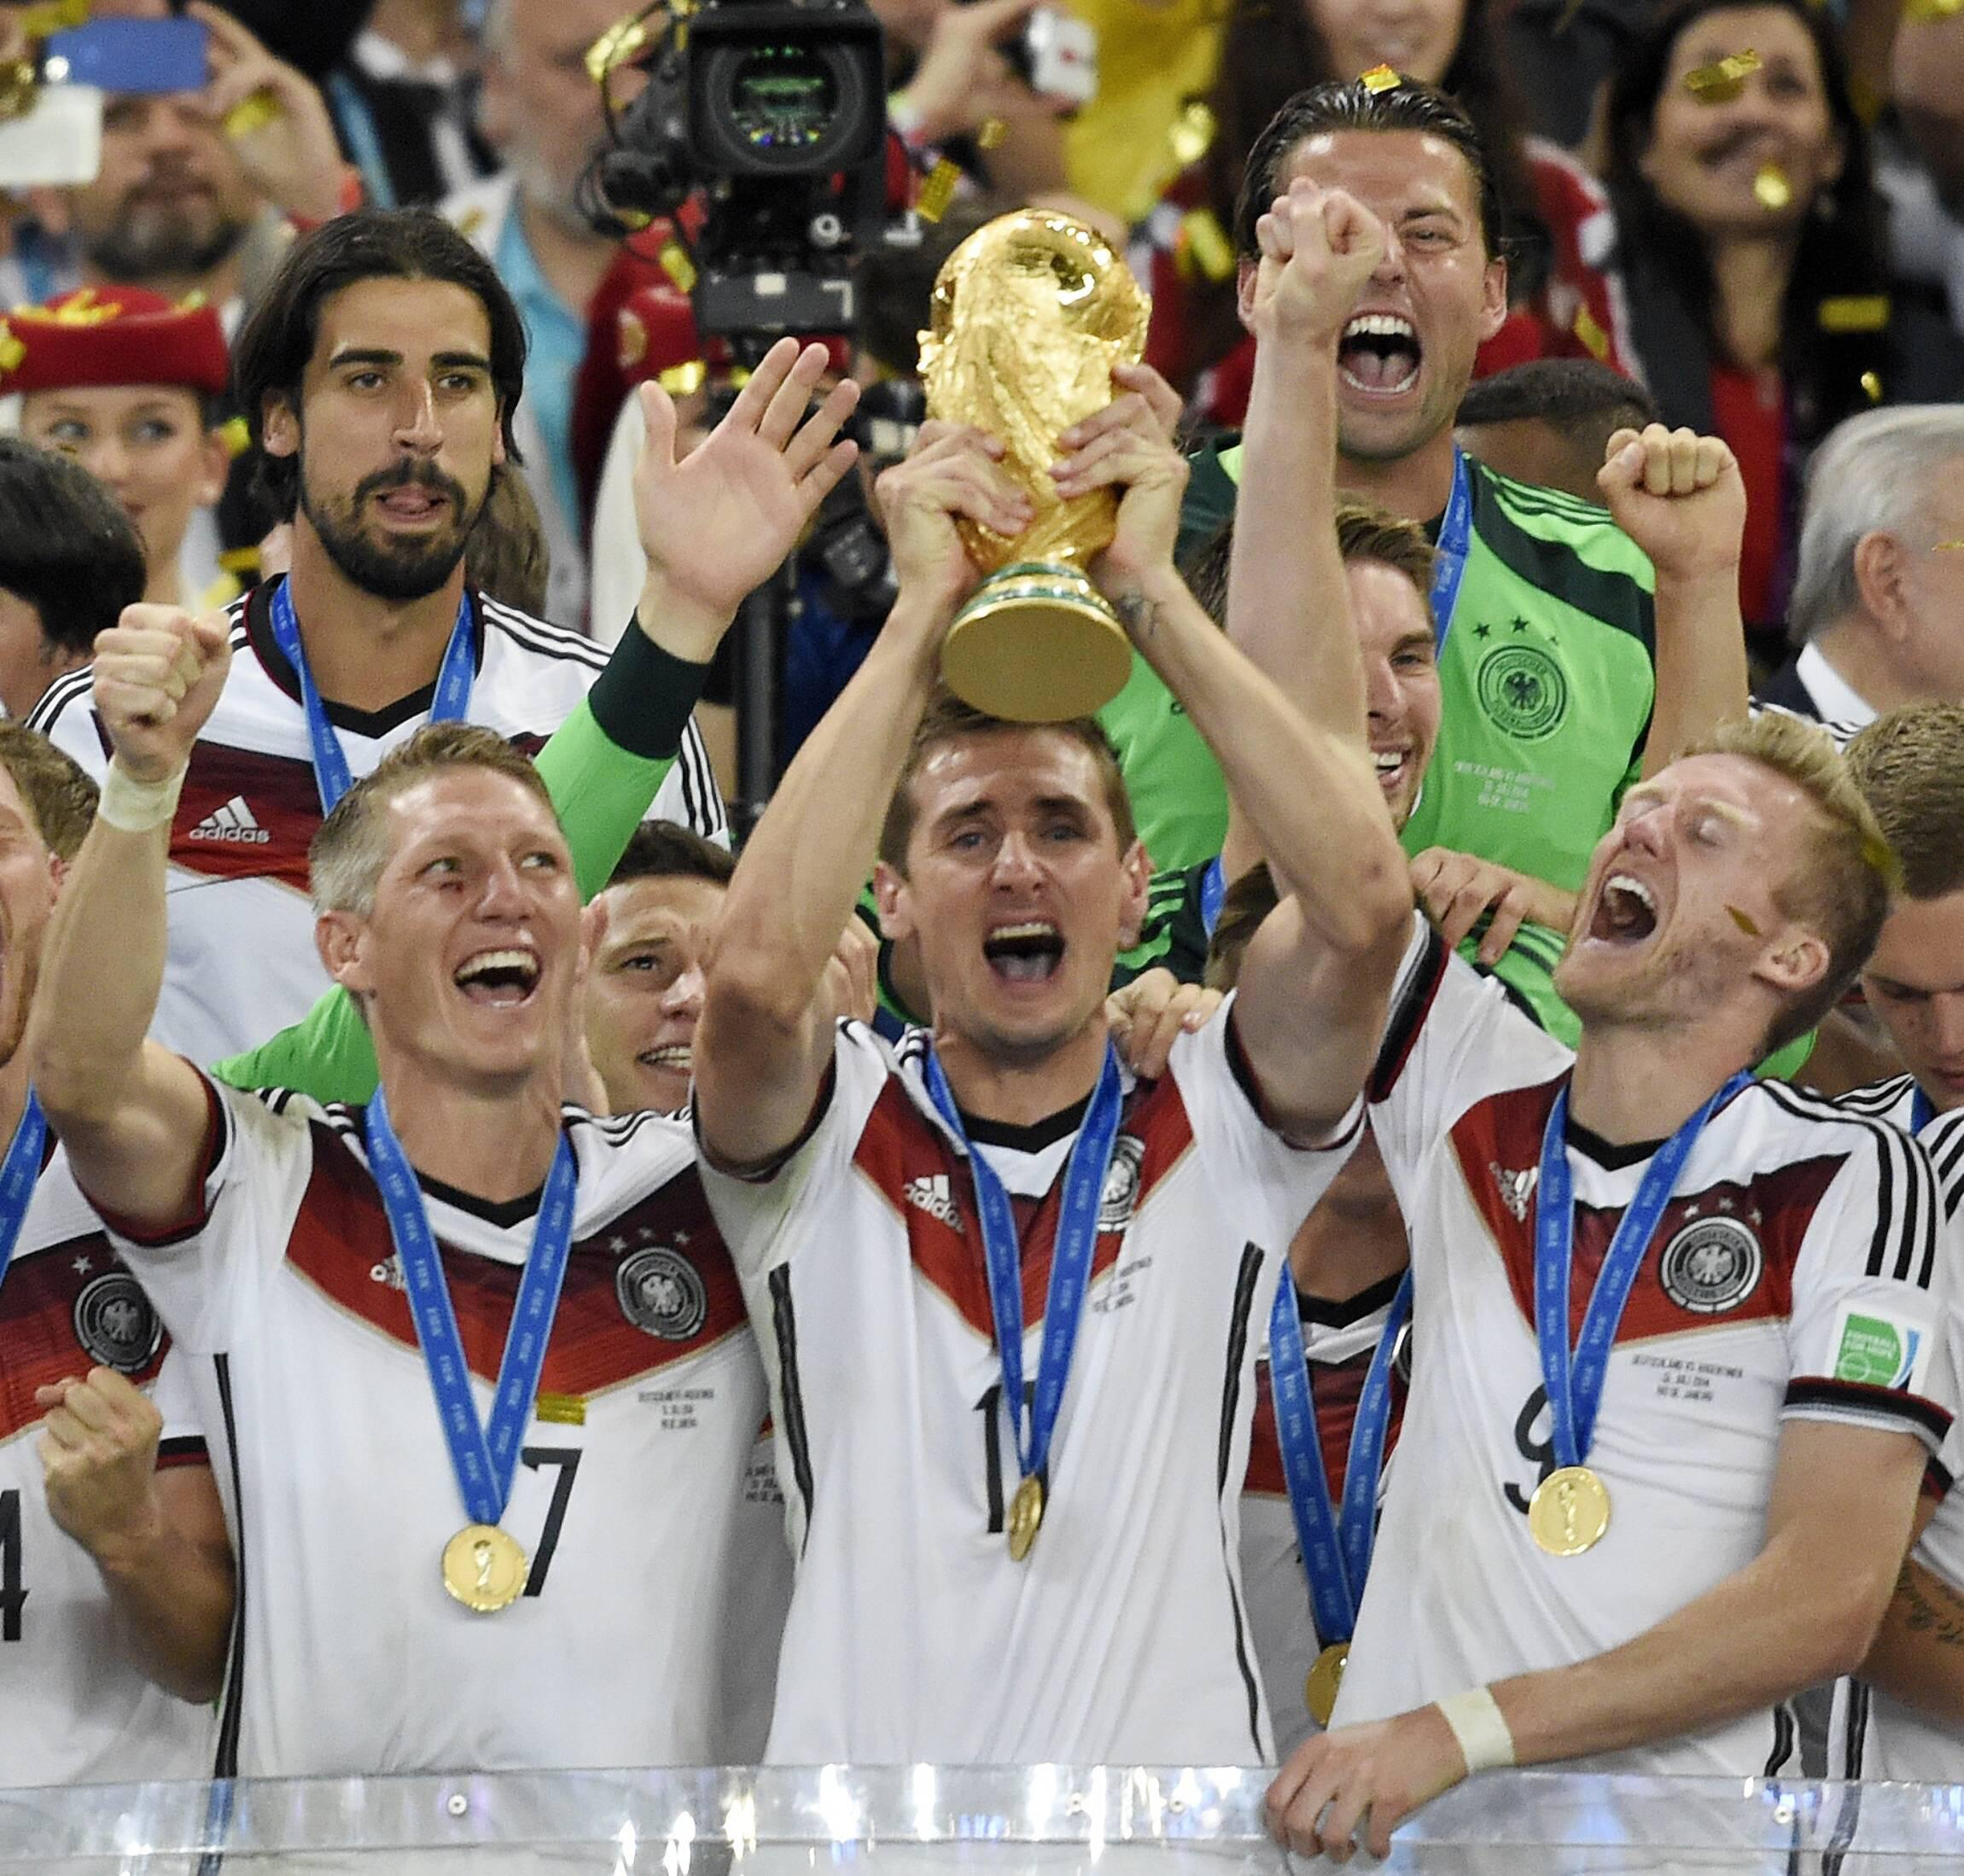 Bild zu Klose, Miroslav Klose, die Mannschaft, Weltmeisterschaft, WM 2018